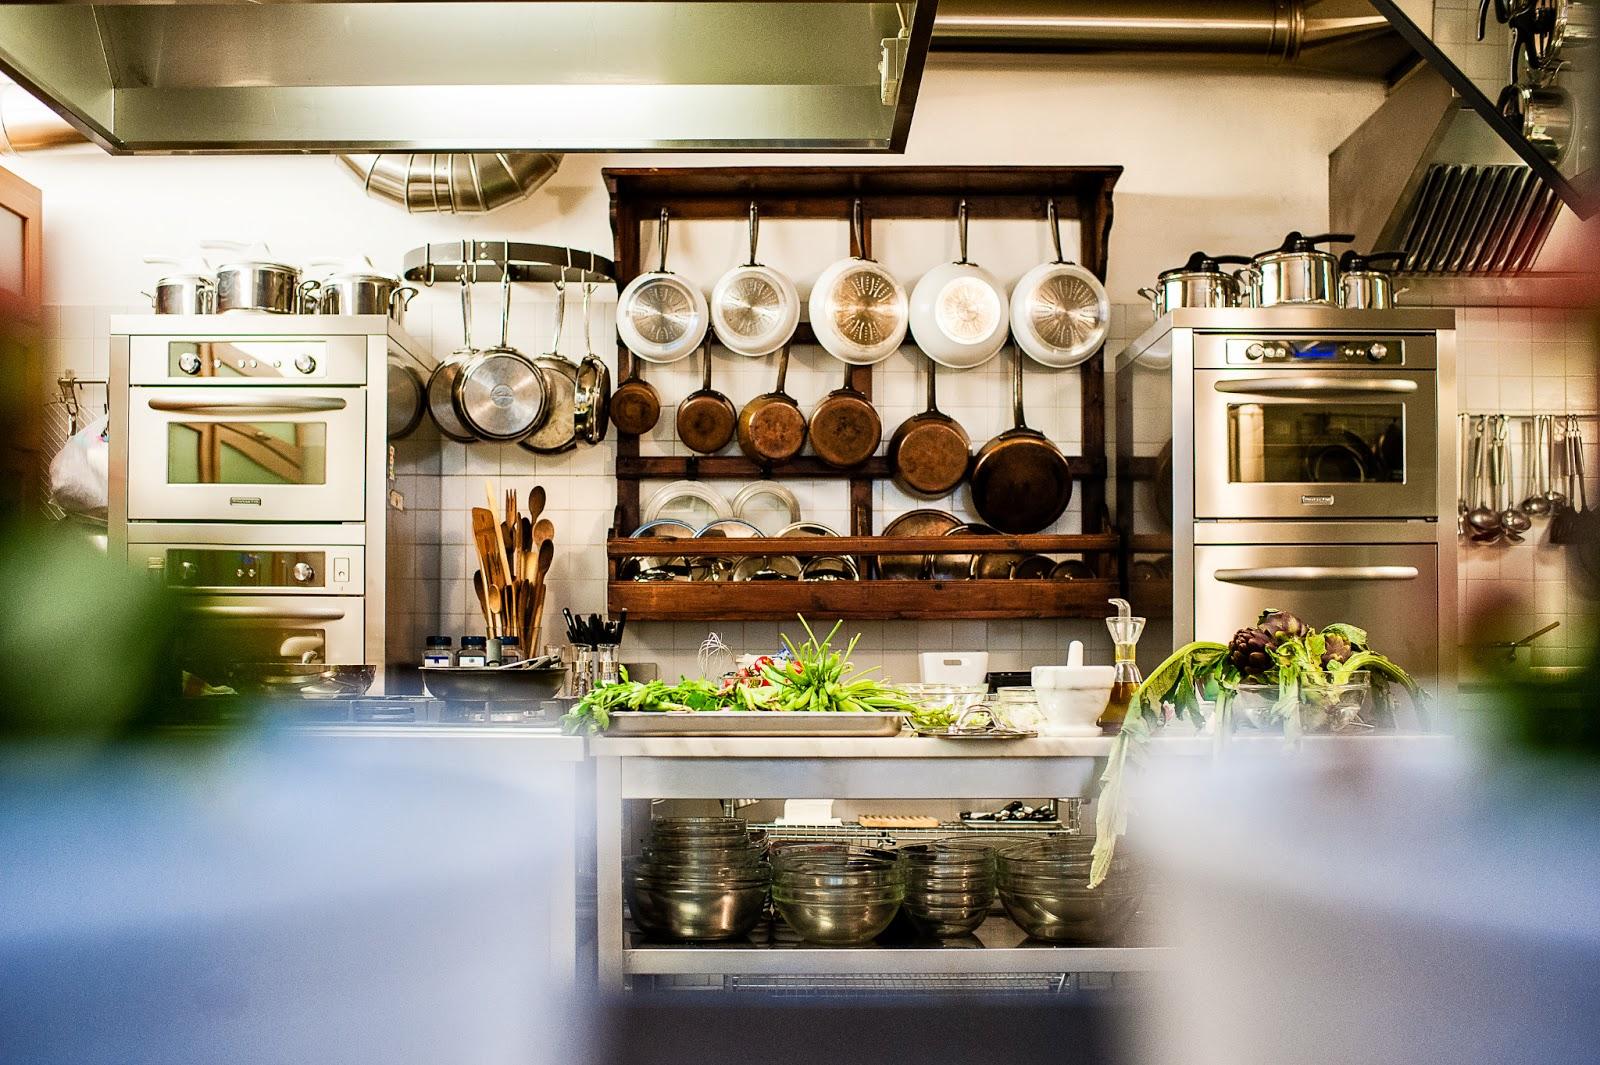 Scuola di arte culinaria cordon bleu firenze - Cucina 16 firenze ...